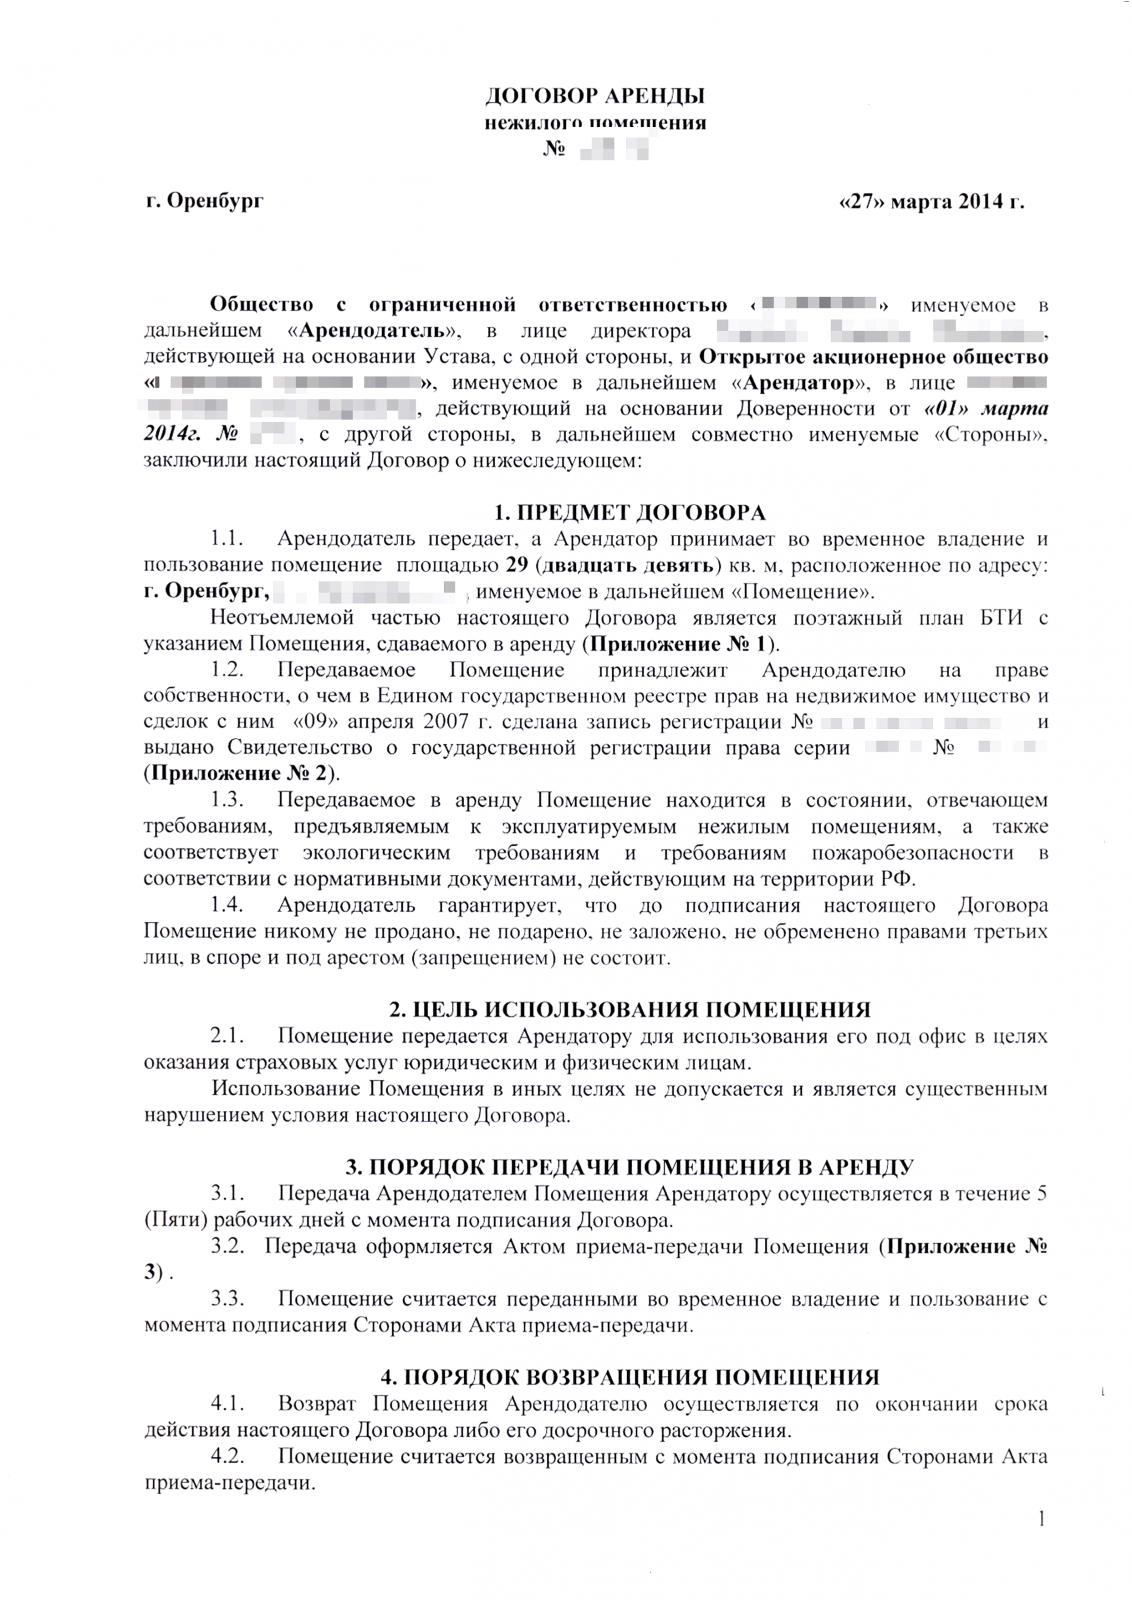 Особенности заключения договора аренды муниципальной земли с администрацией населенного пункта